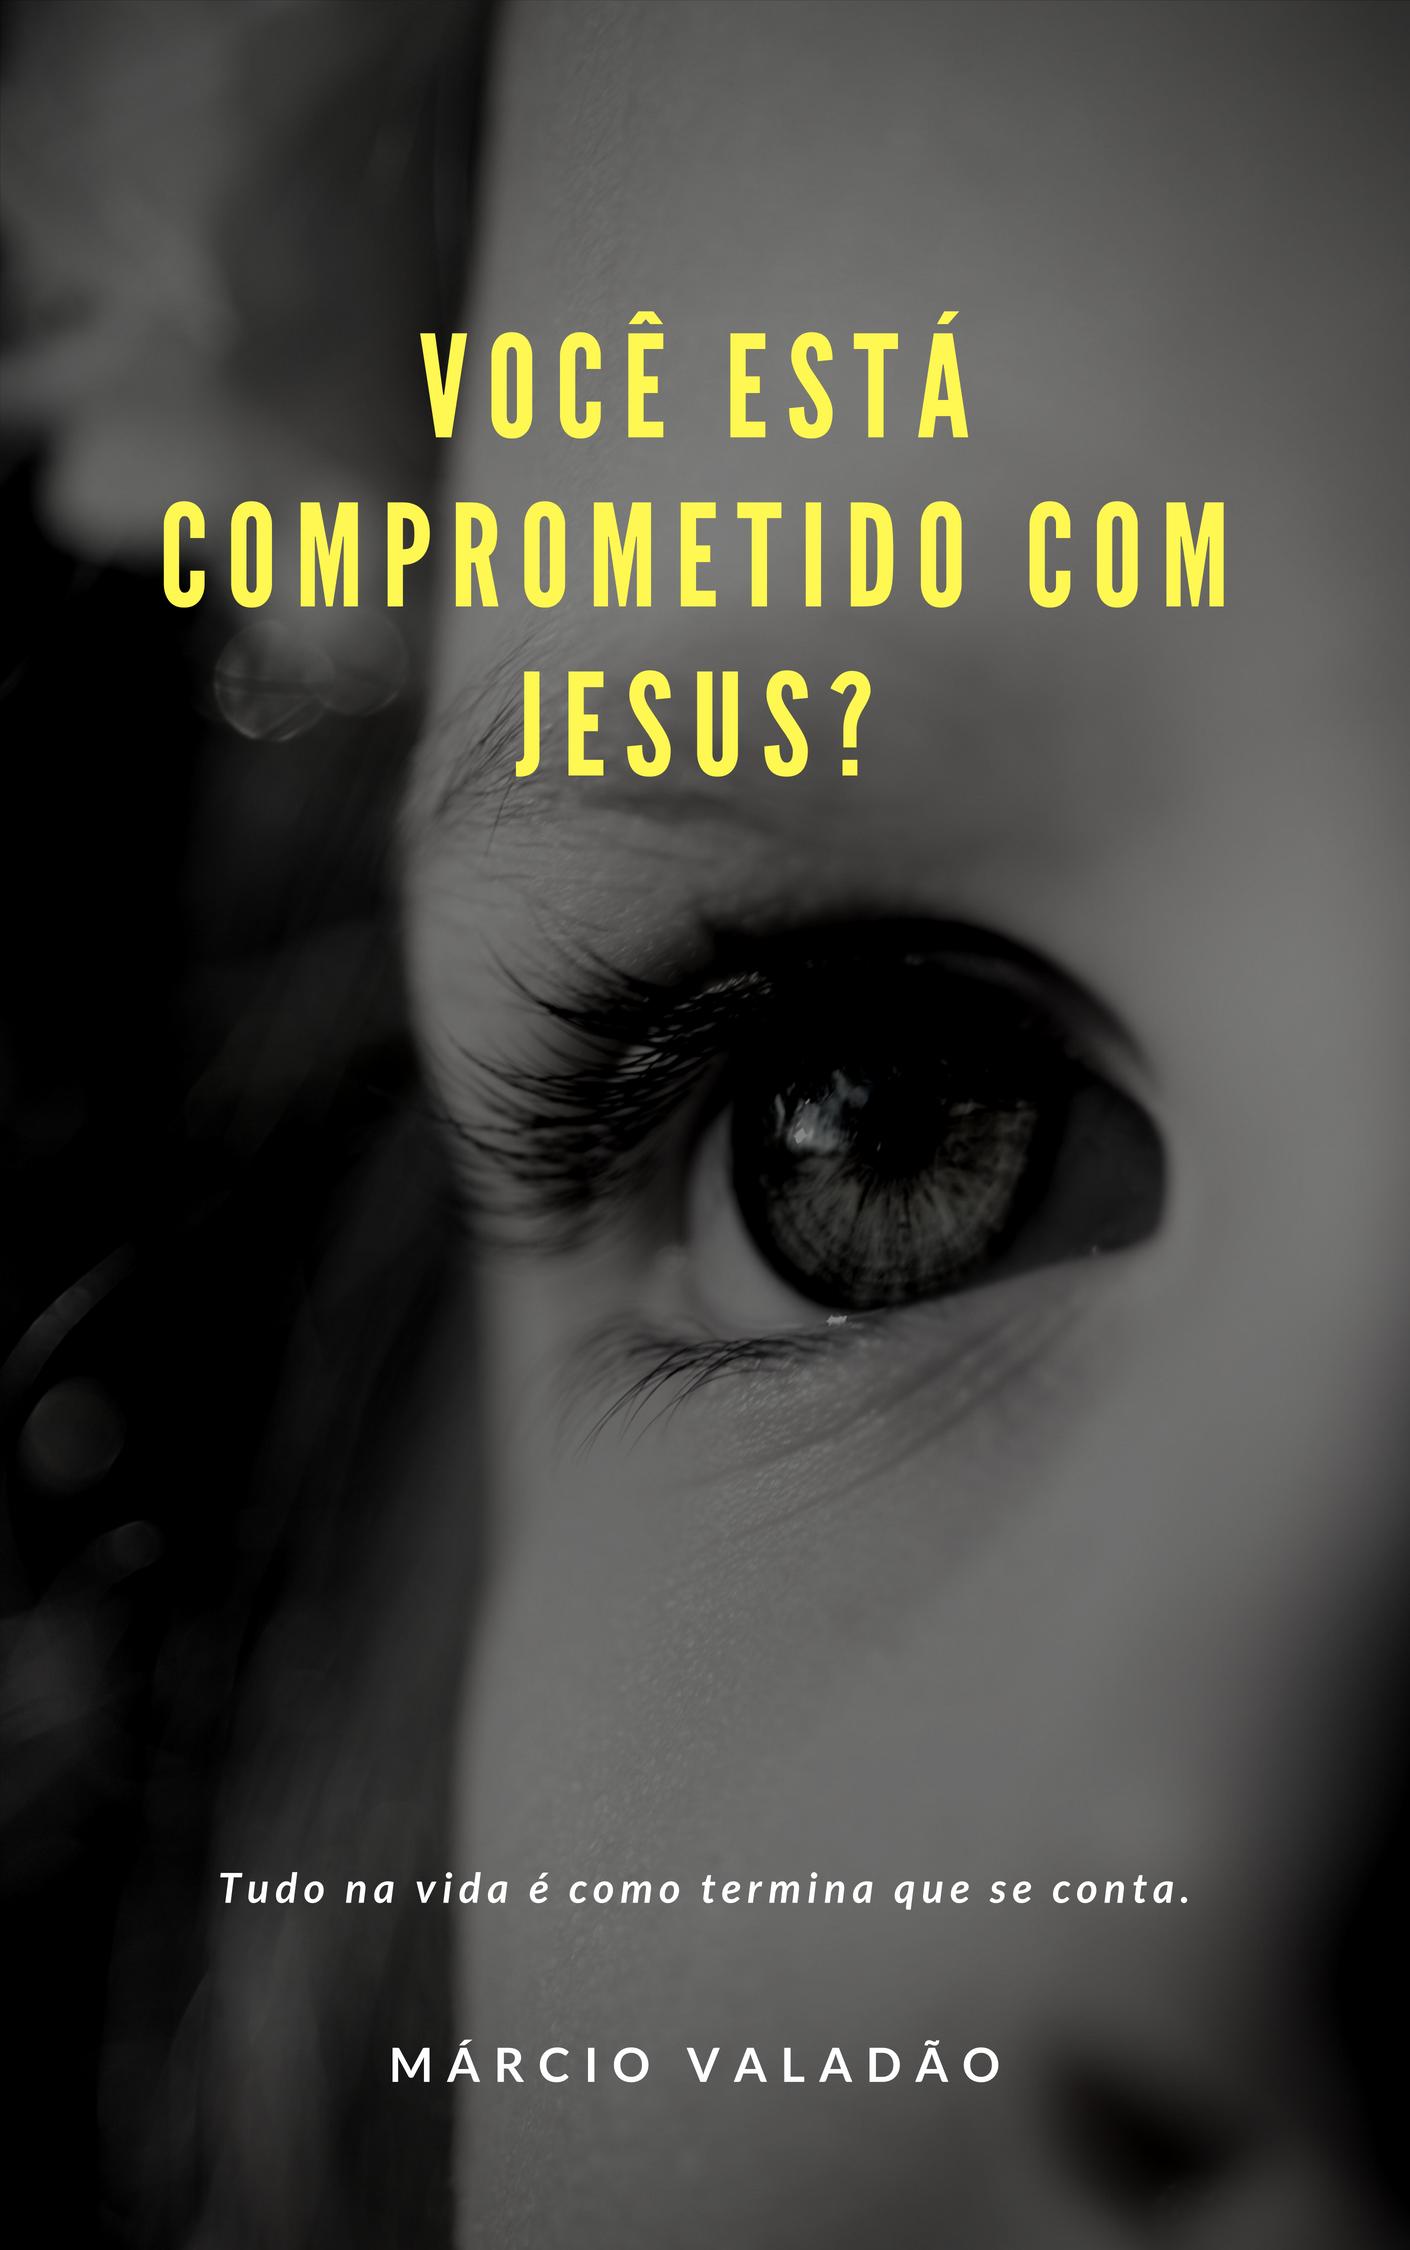 VOCÊ ESTÁ COMPROMETIDO COM JESUS?